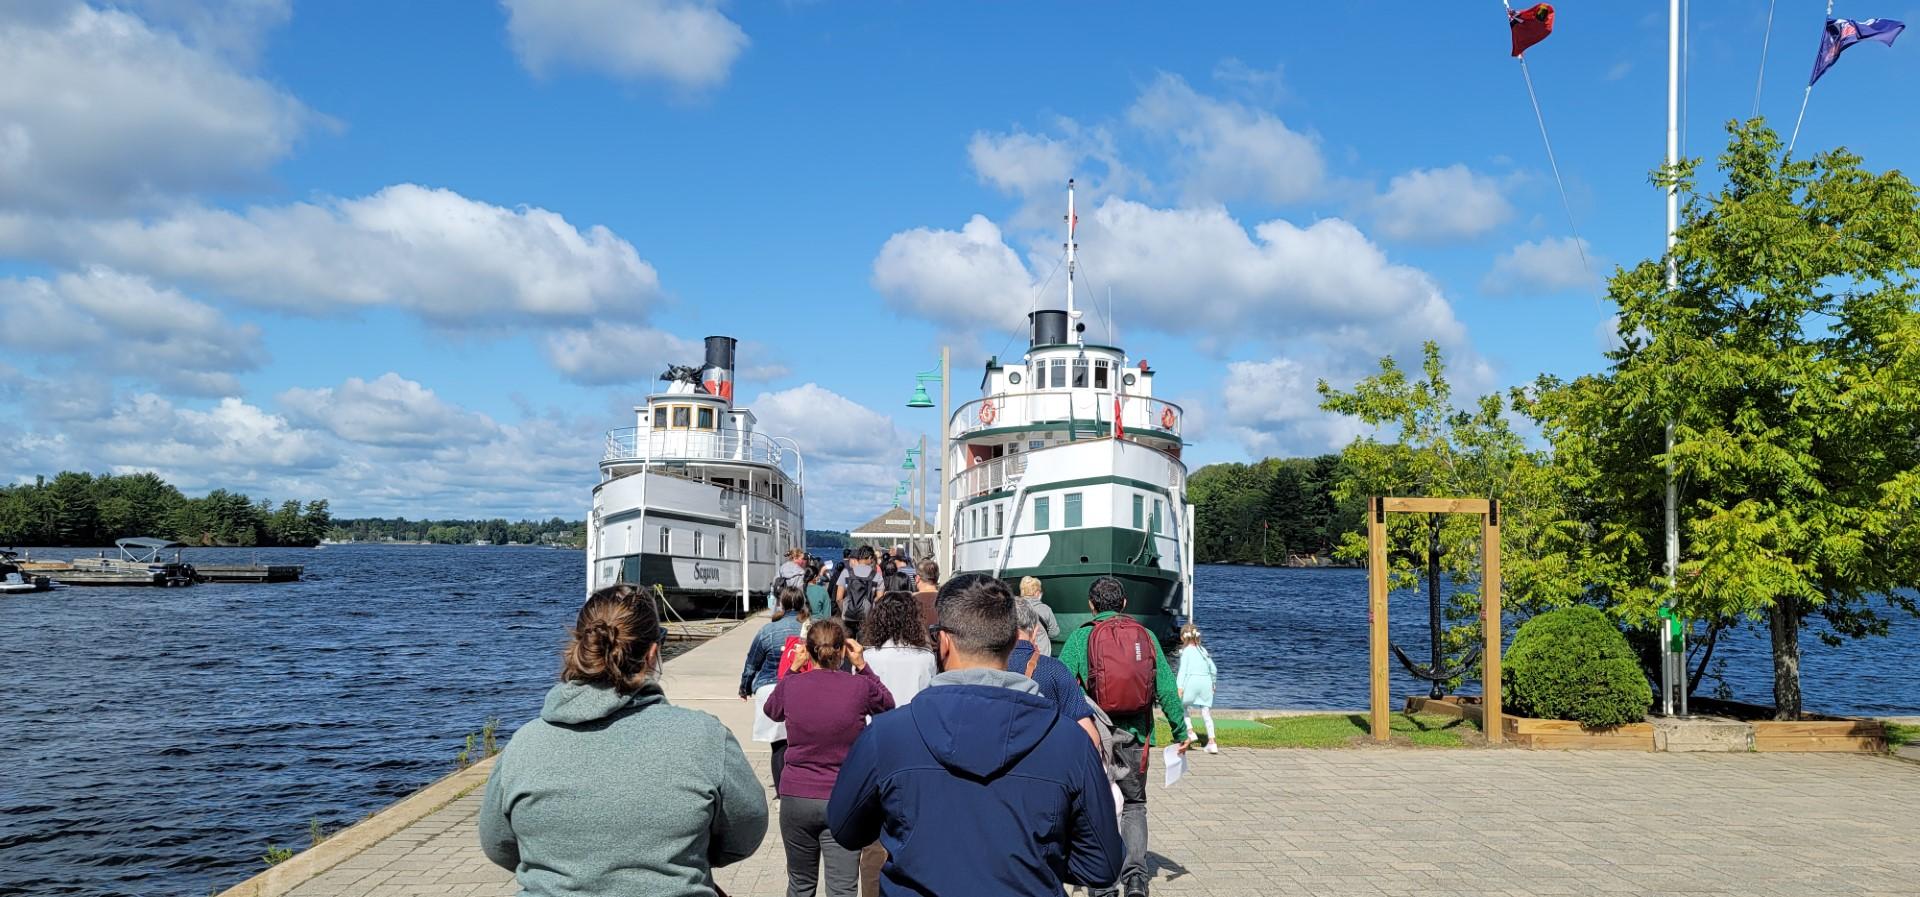 people in line to board the muskoka steamships